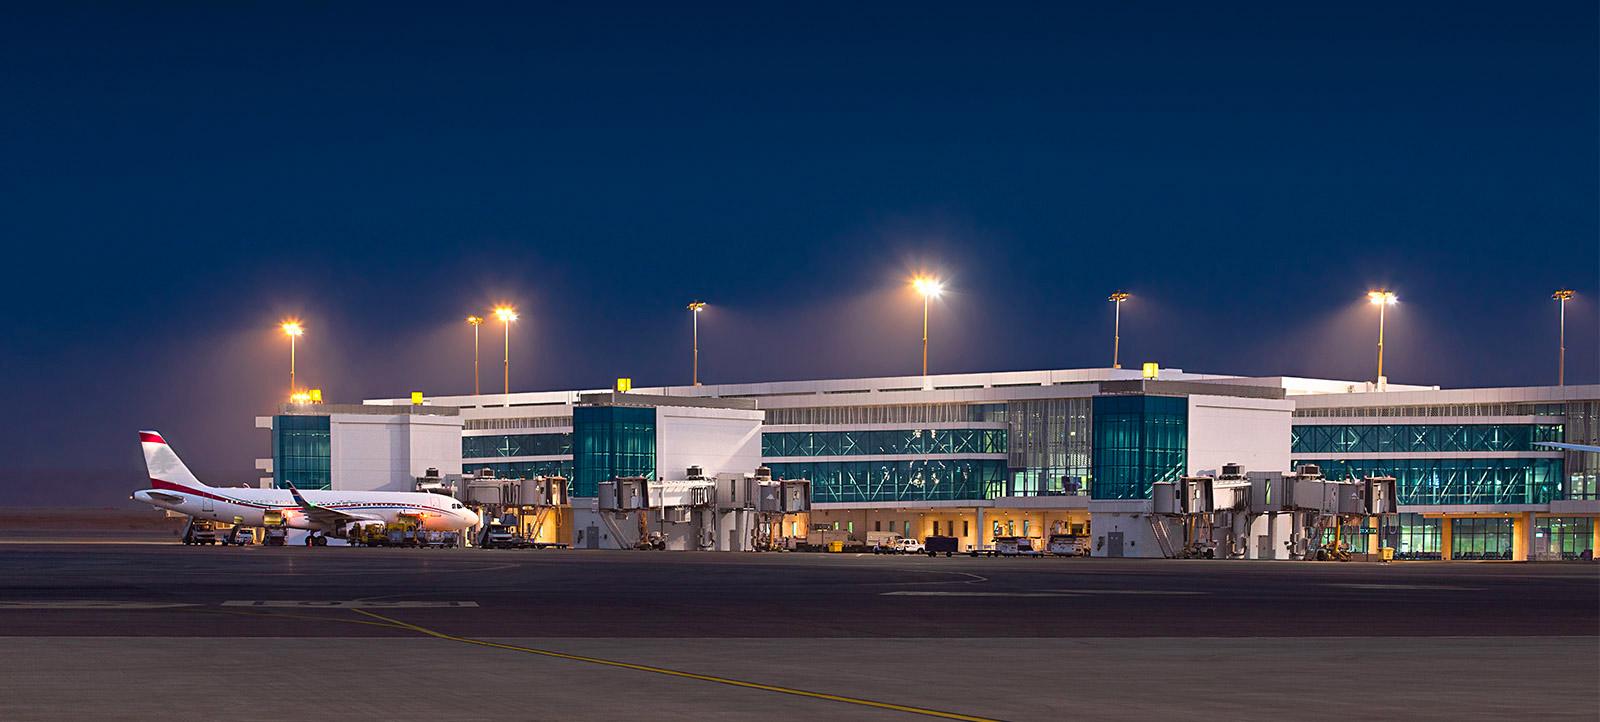 Cairo International Airport 3